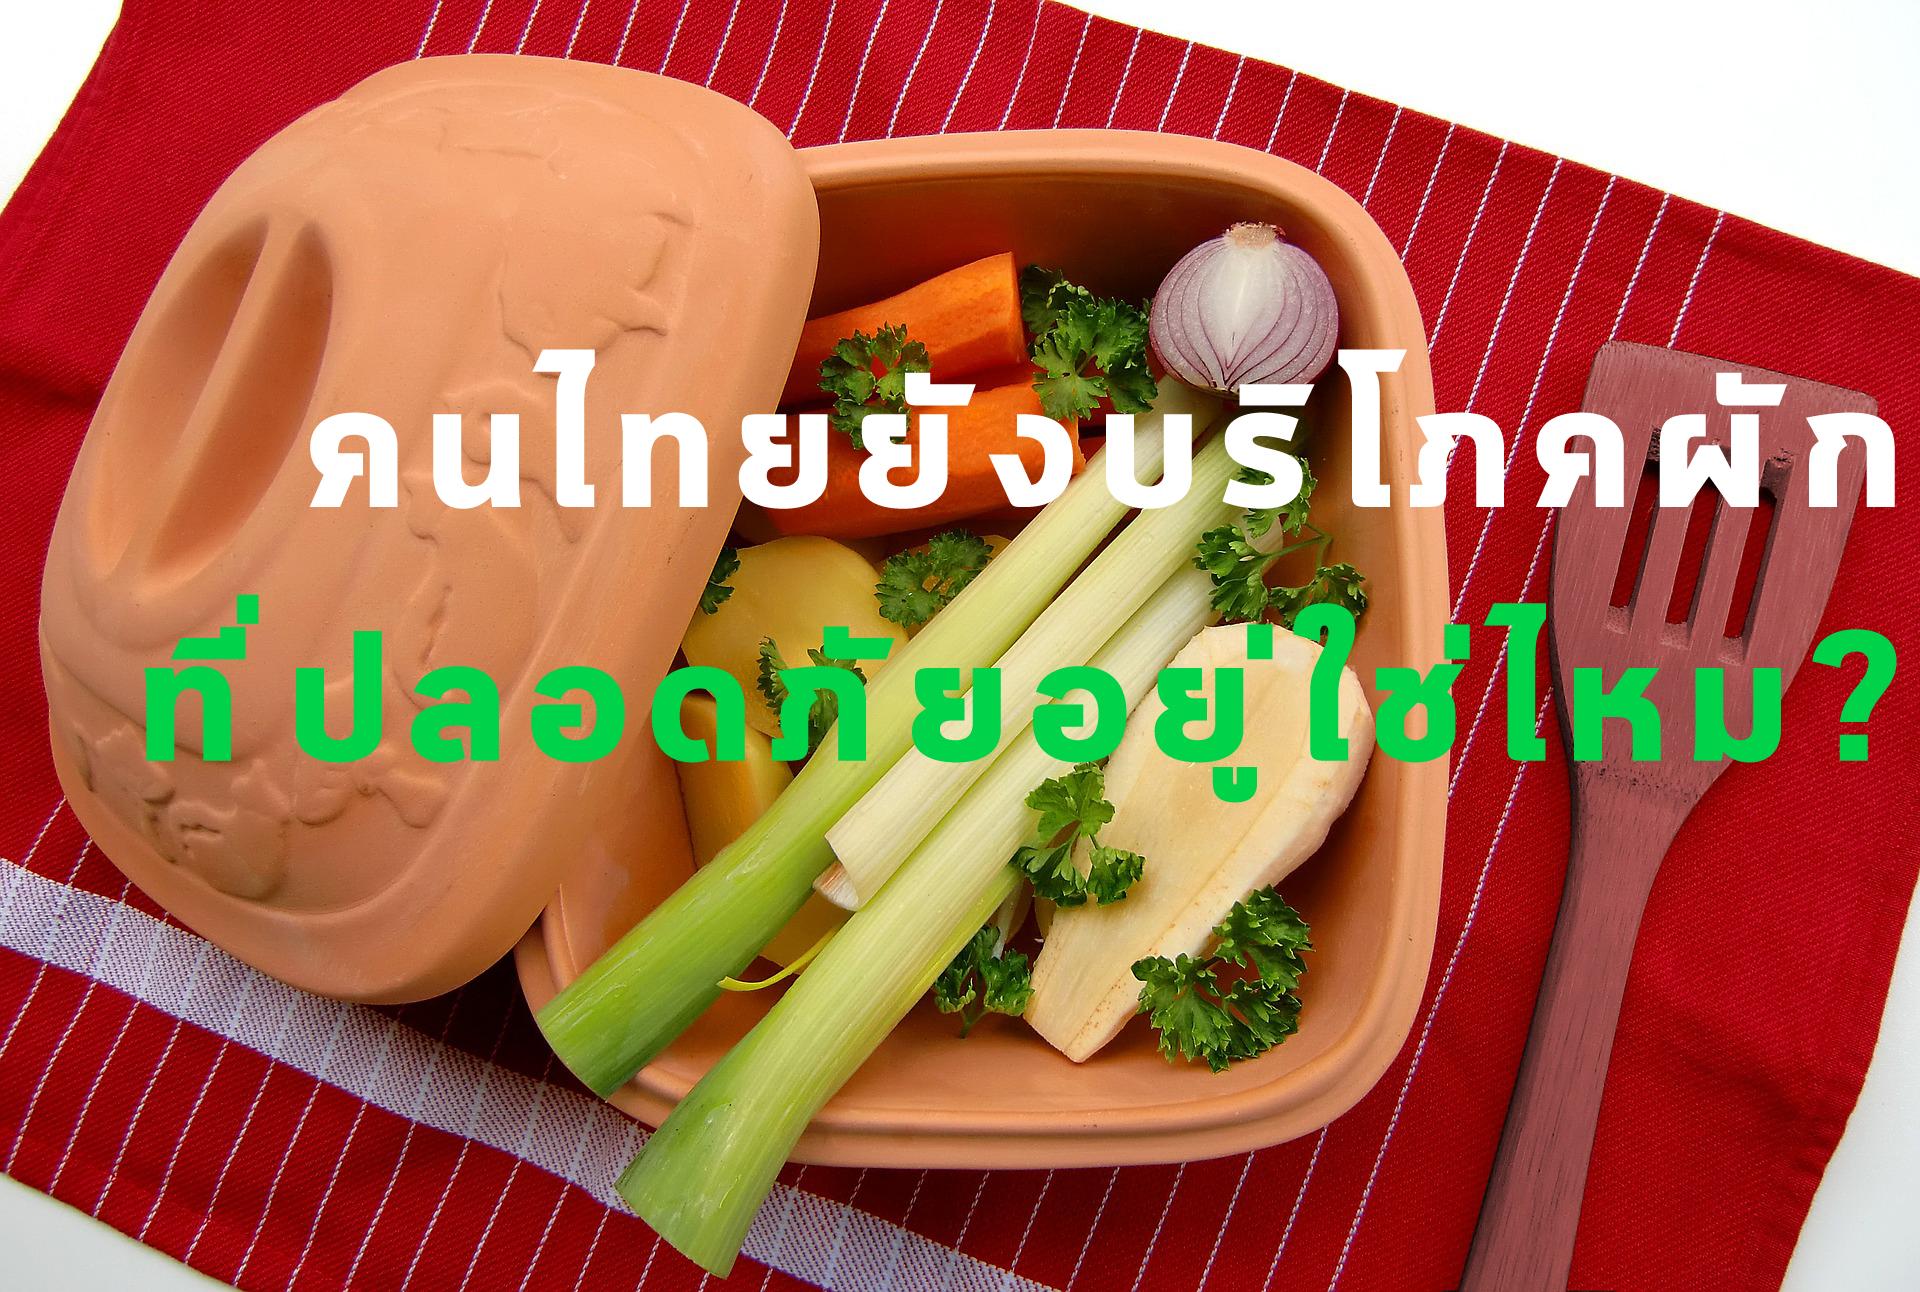 คนไทยยังบริโภคผักที่ปลอดภัยอยู่ใช่ไหม?